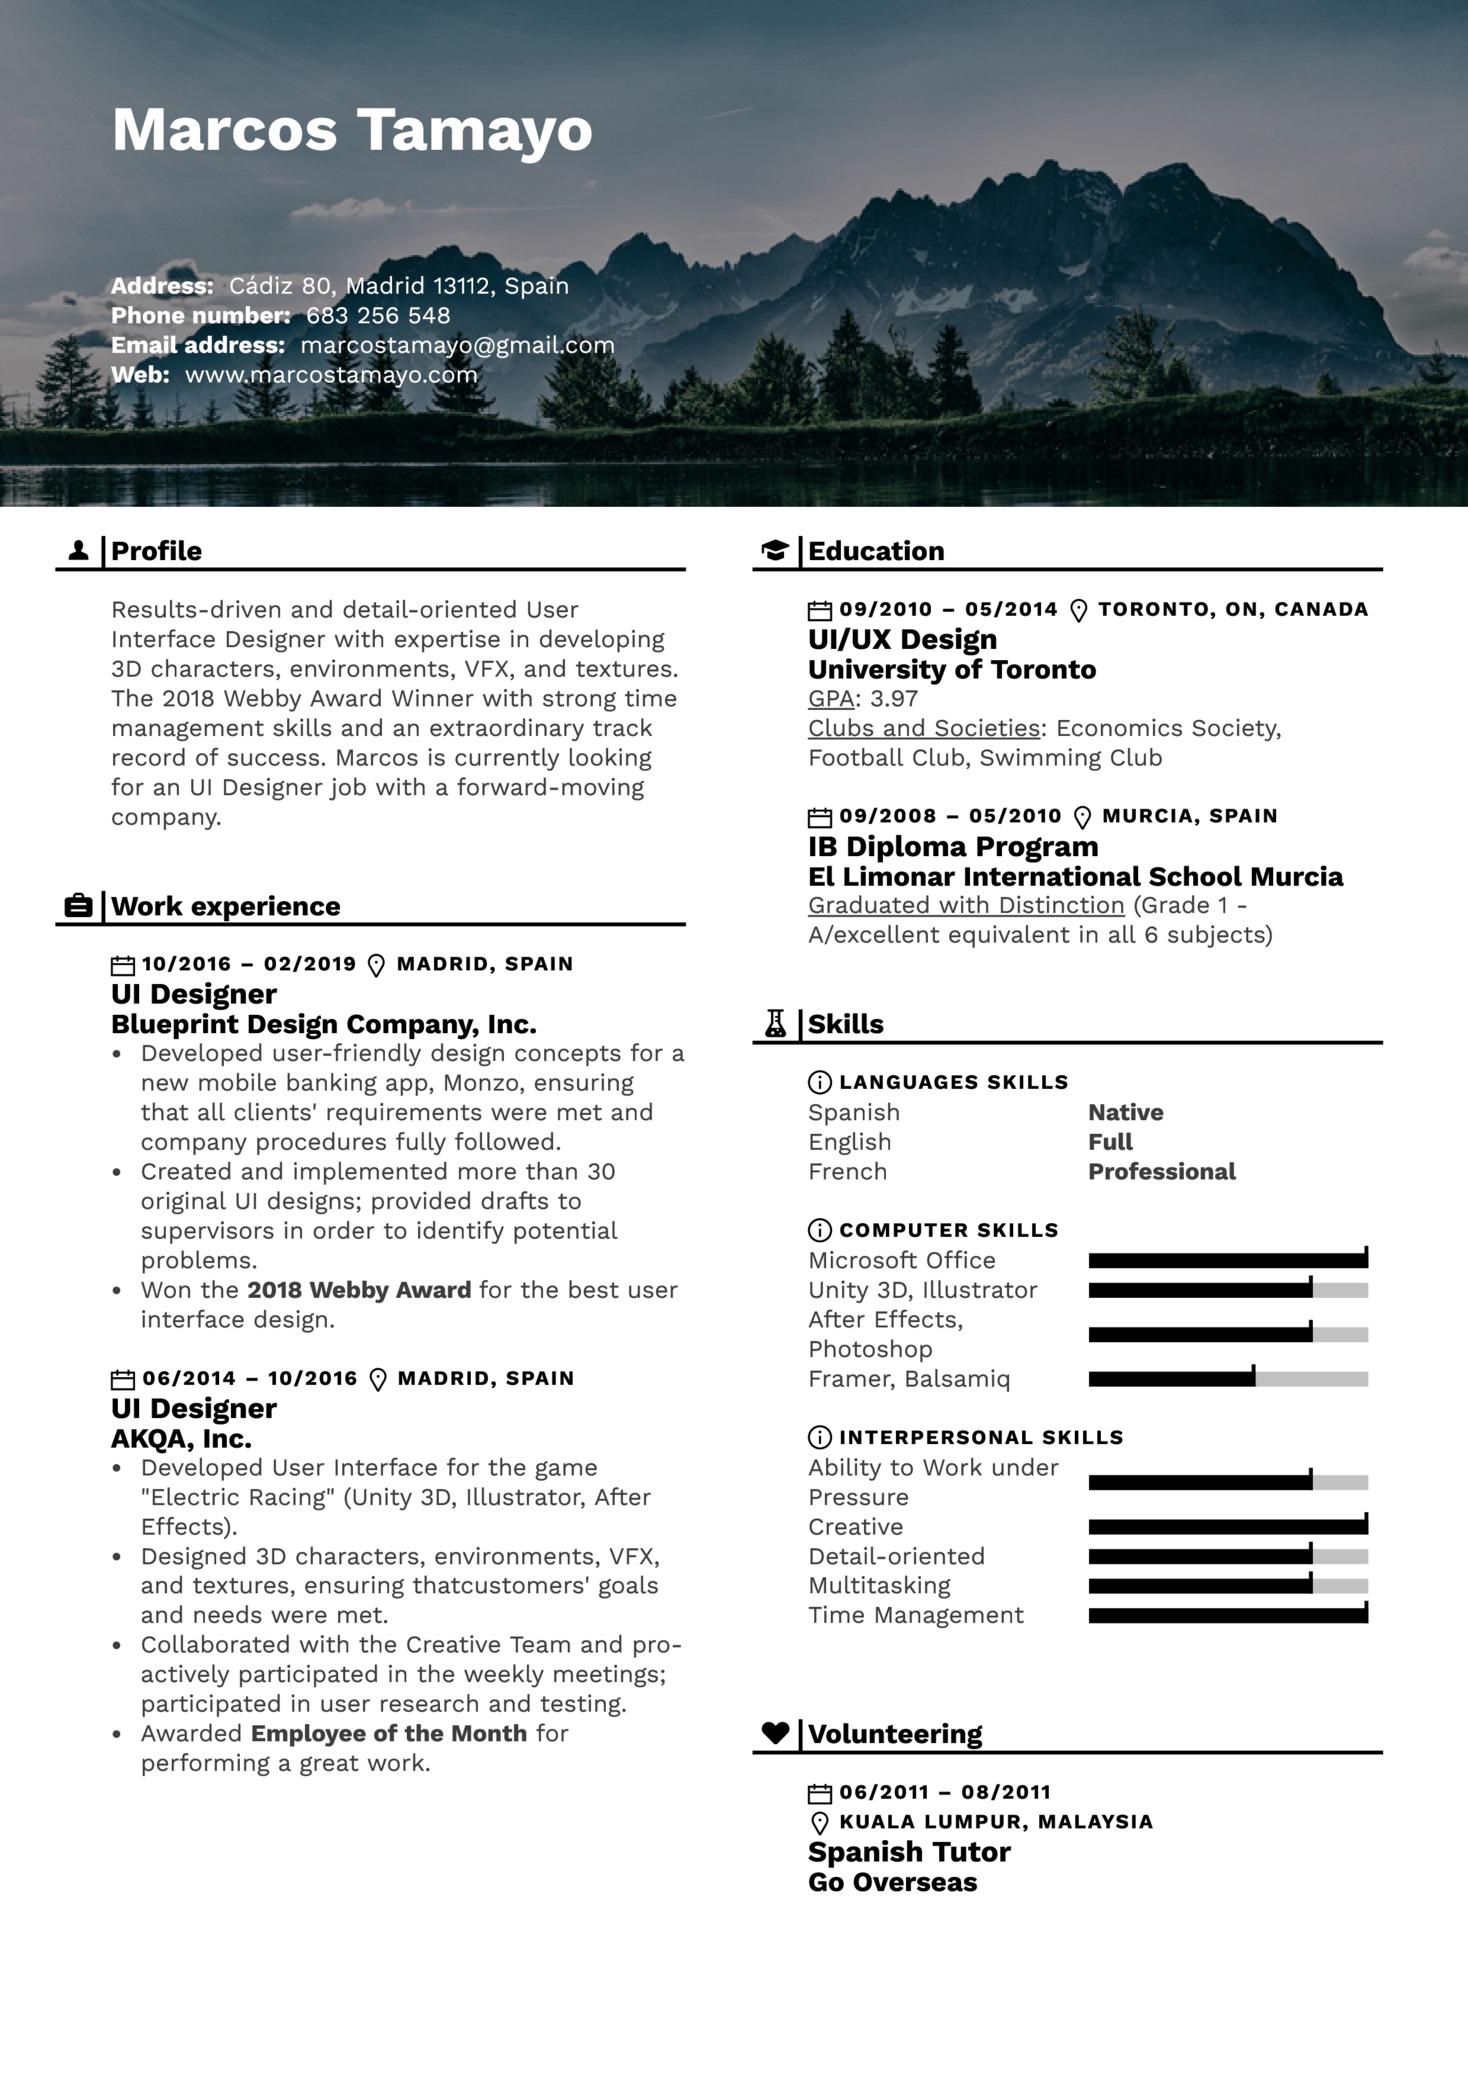 UI Designer Resume Example (Part 1)